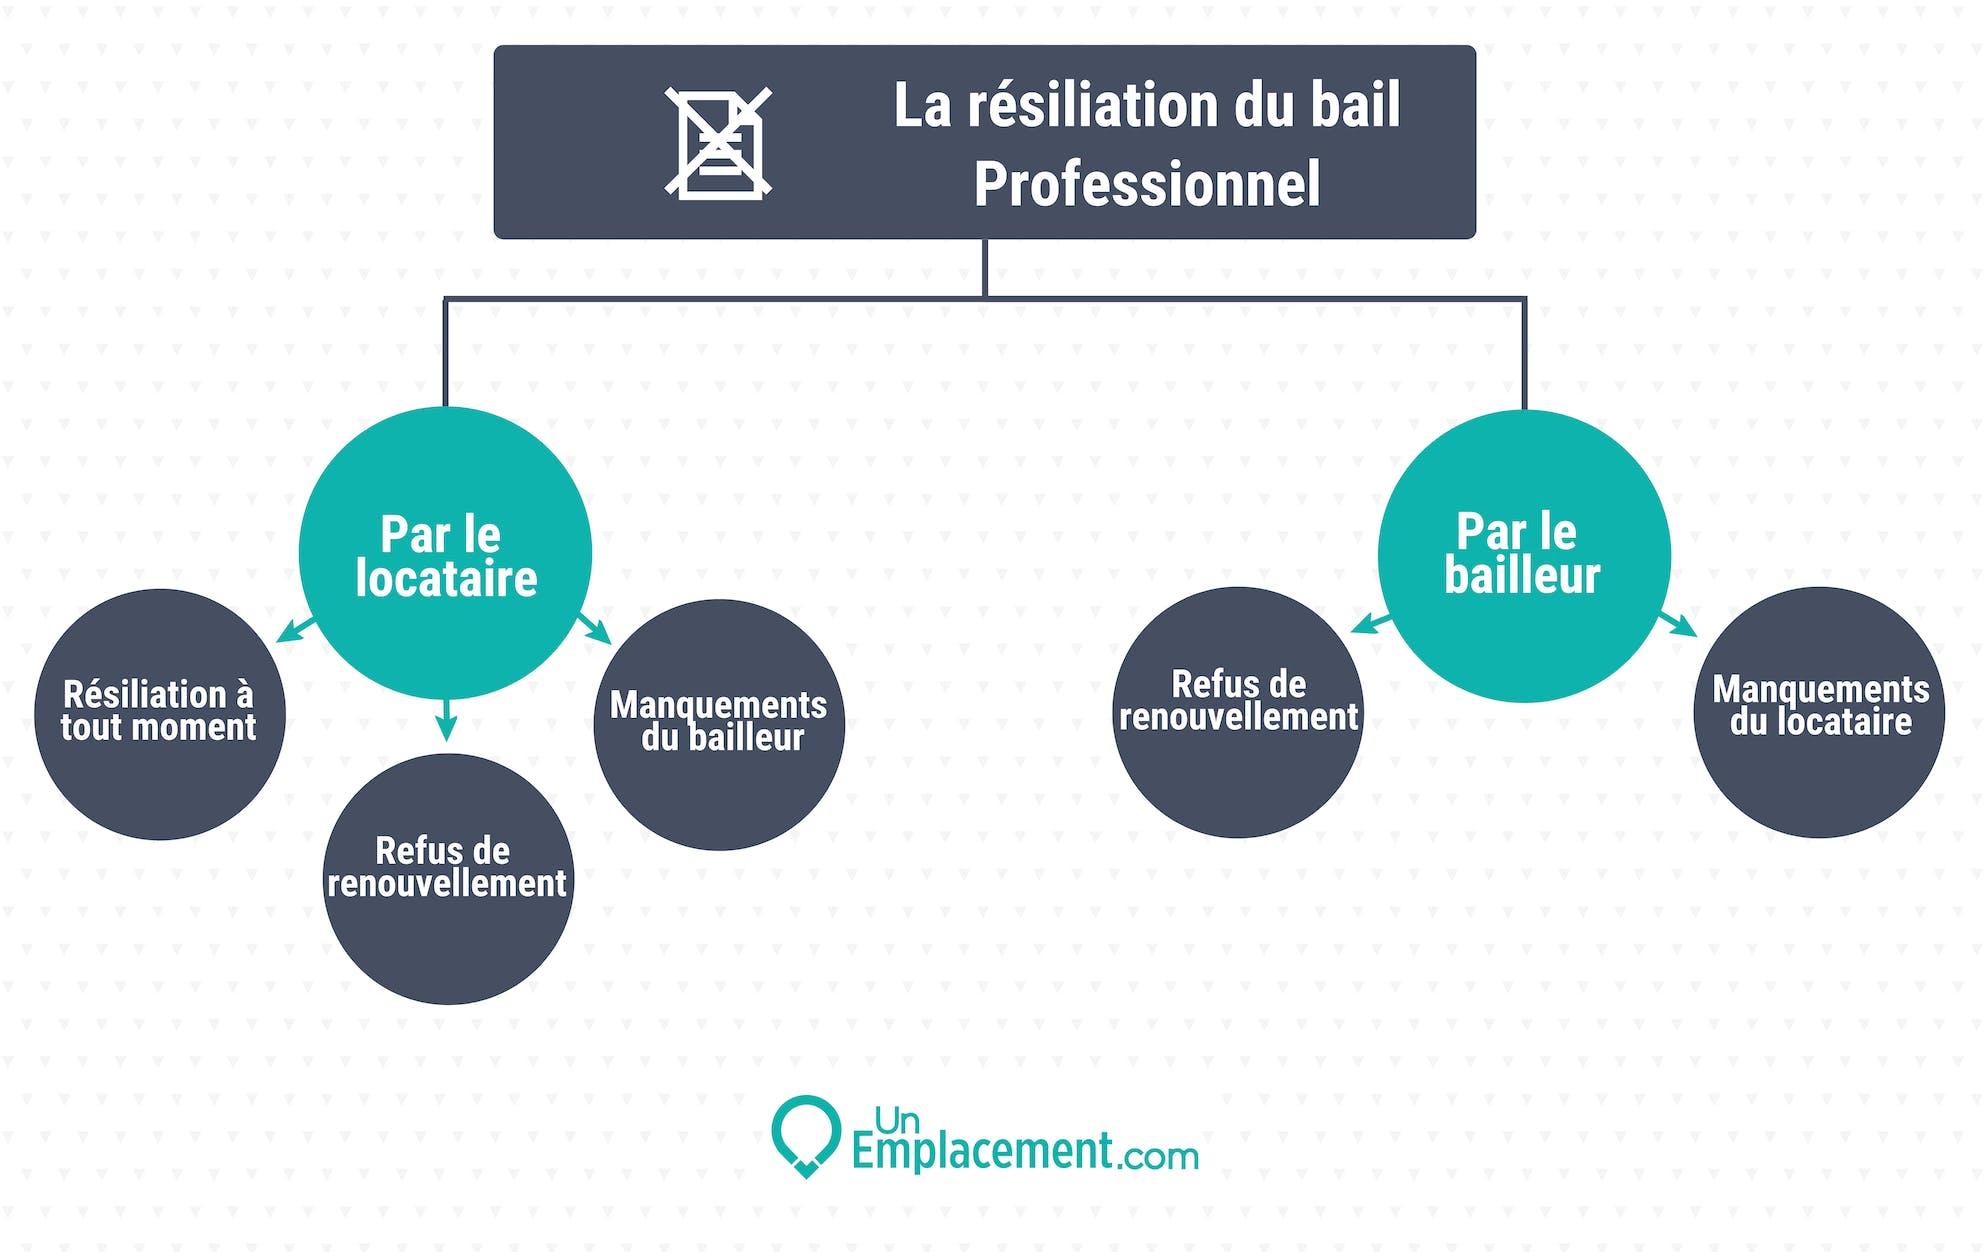 Infographie sur la résiliation du bail professionnel